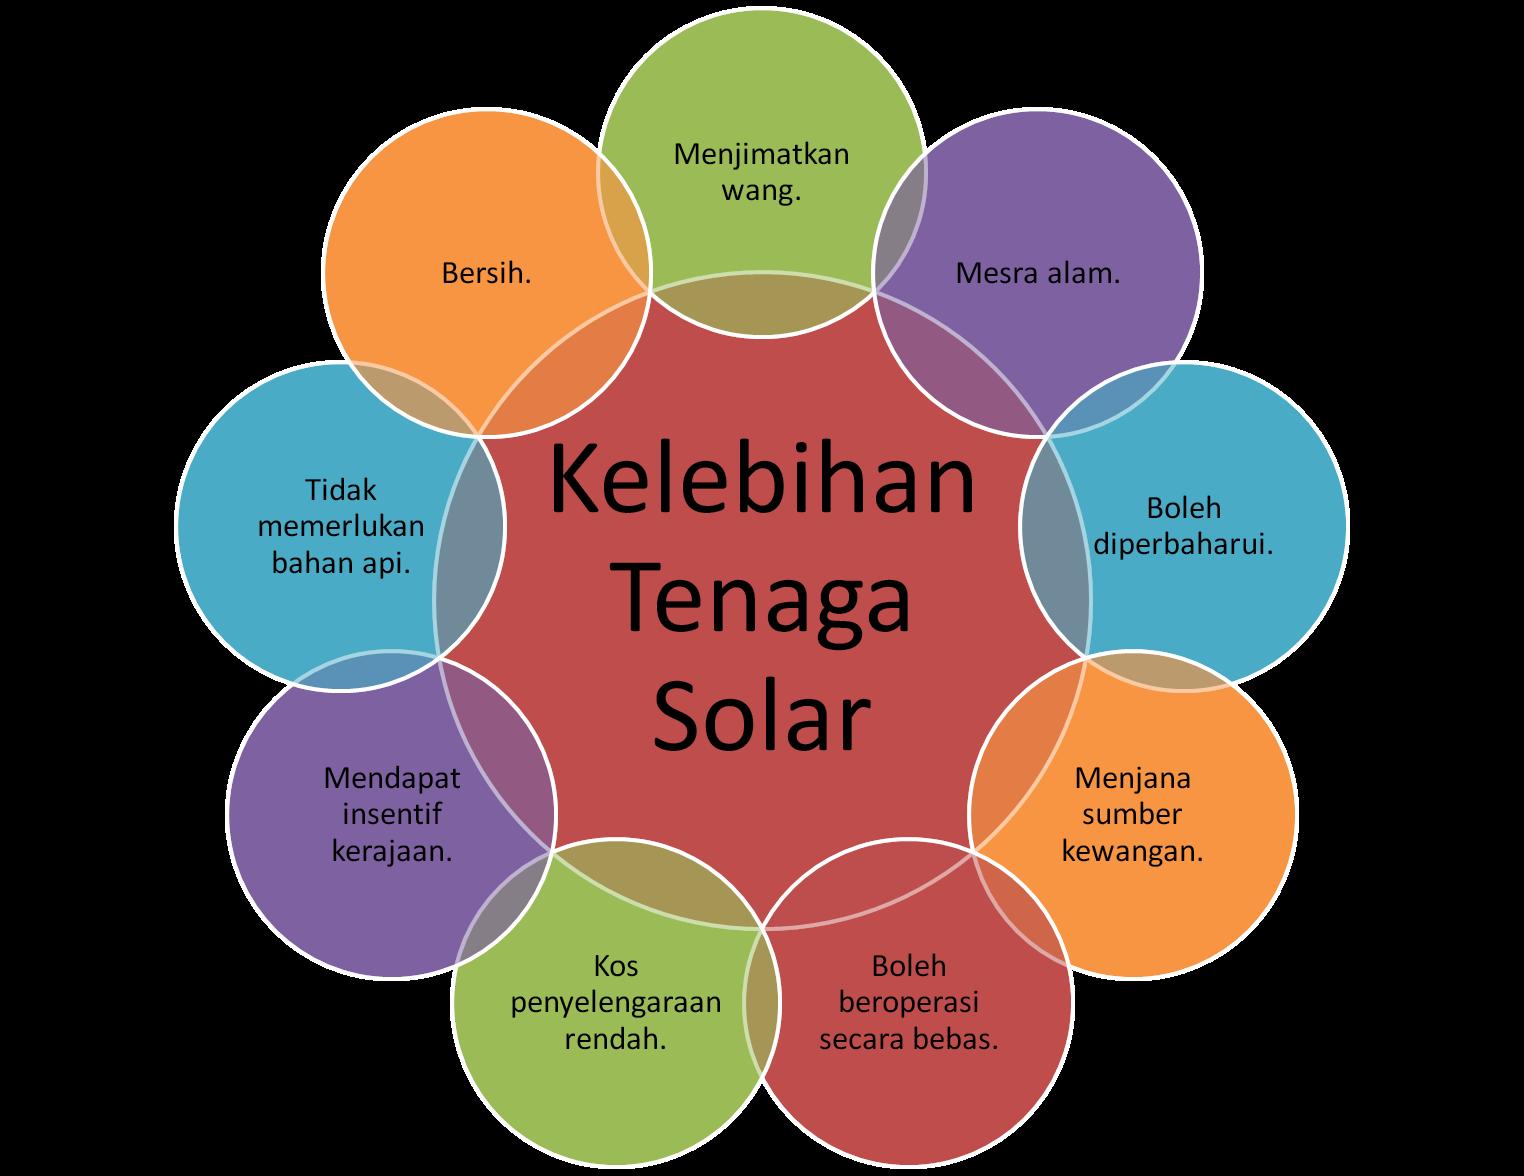 Seronoknya Sains Sesi 9 Kelebihan Kekurangan Tenaga Solar